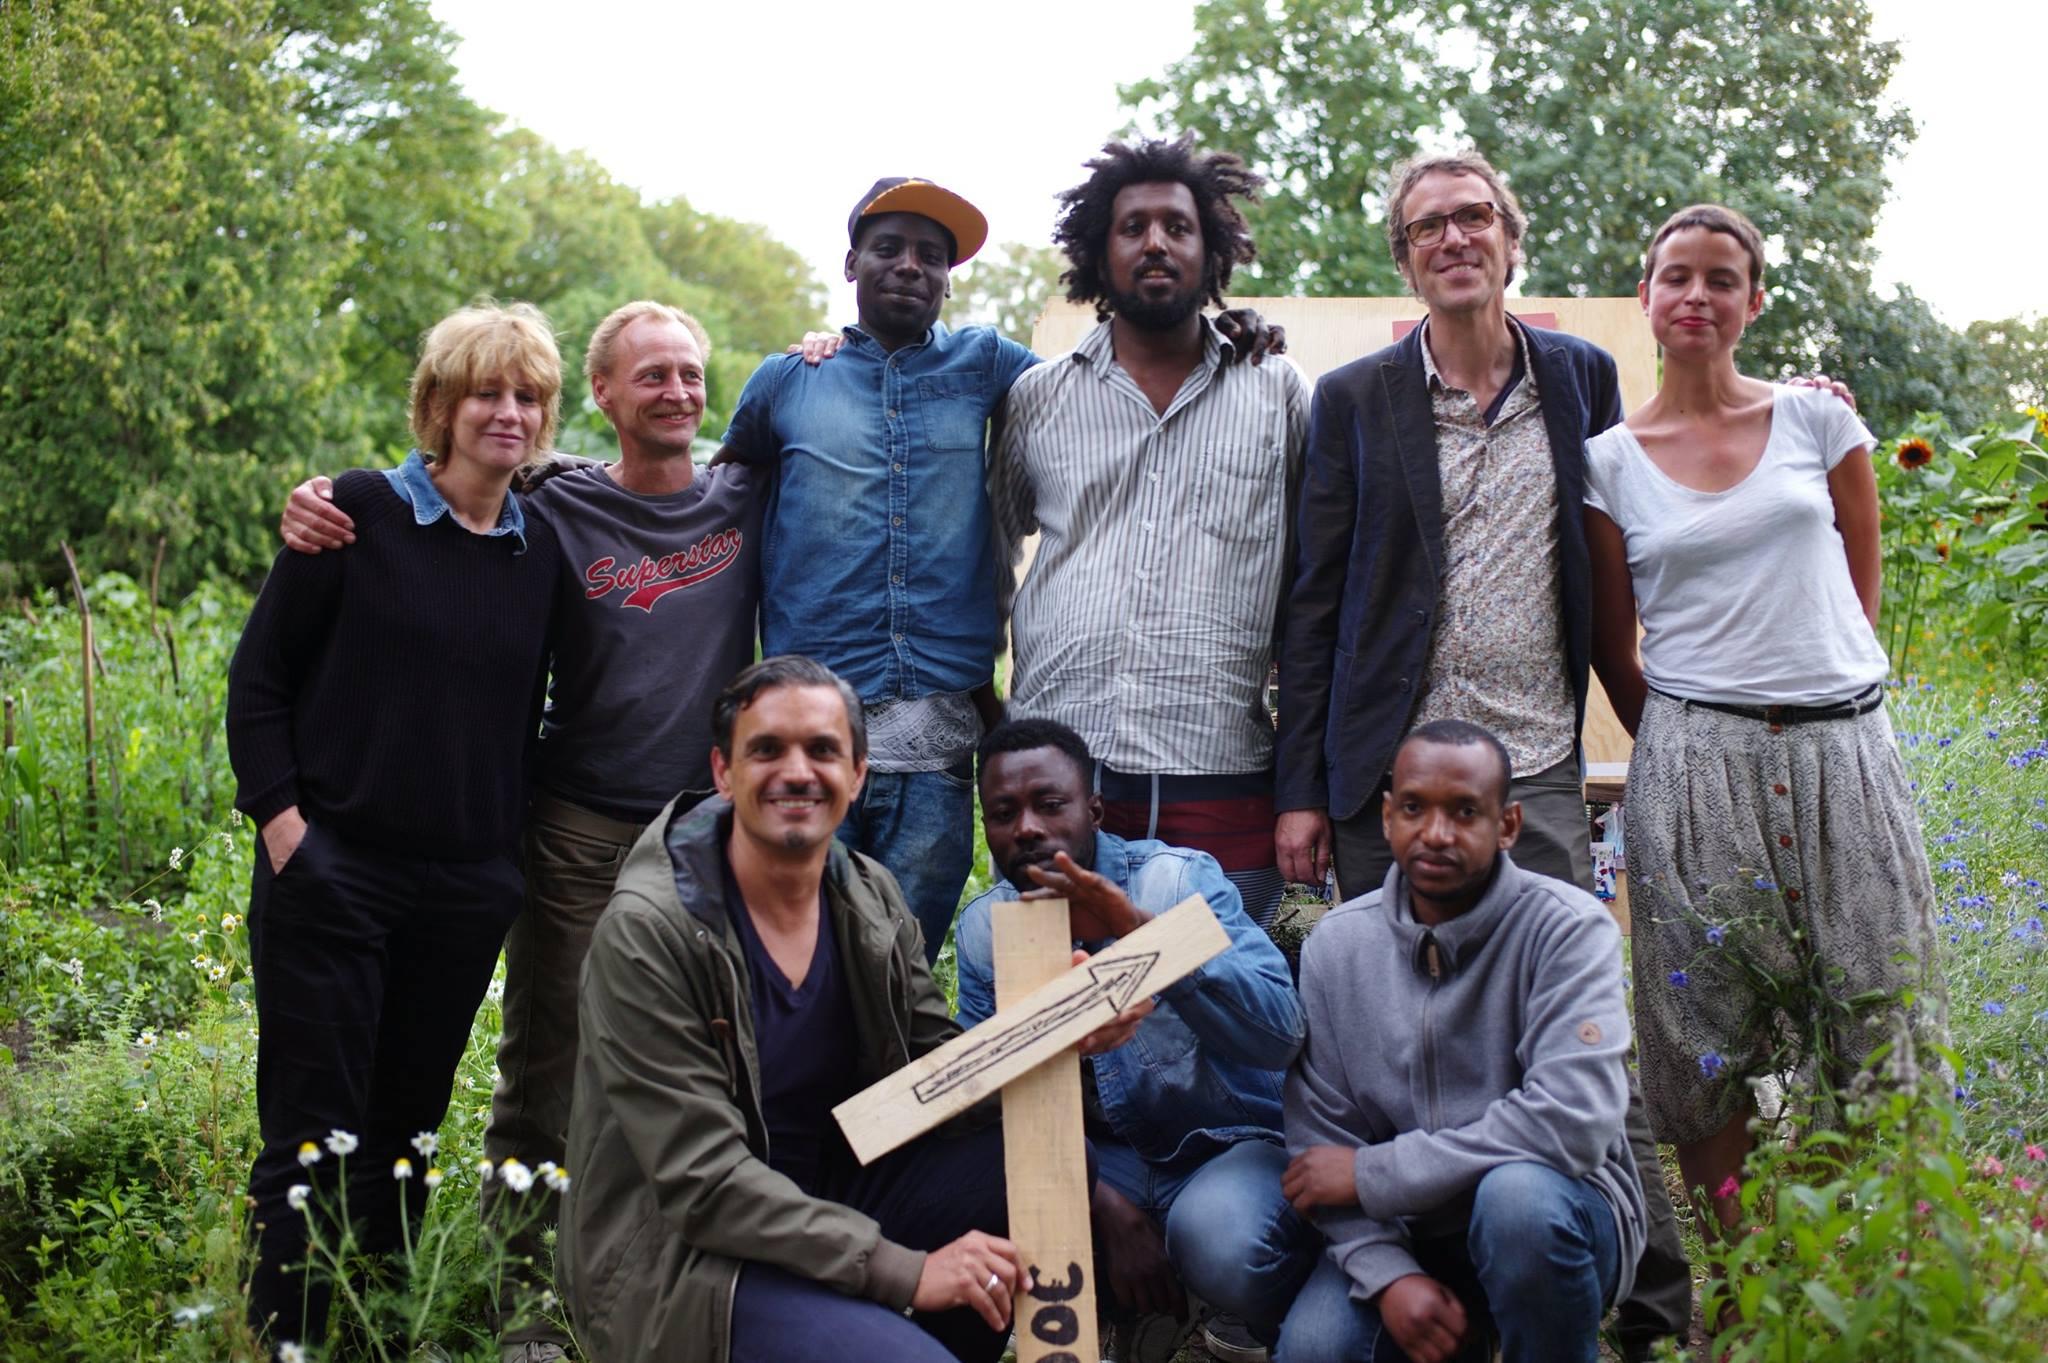 gaertnerei_lets-support-refugess-im-naturkosmetik